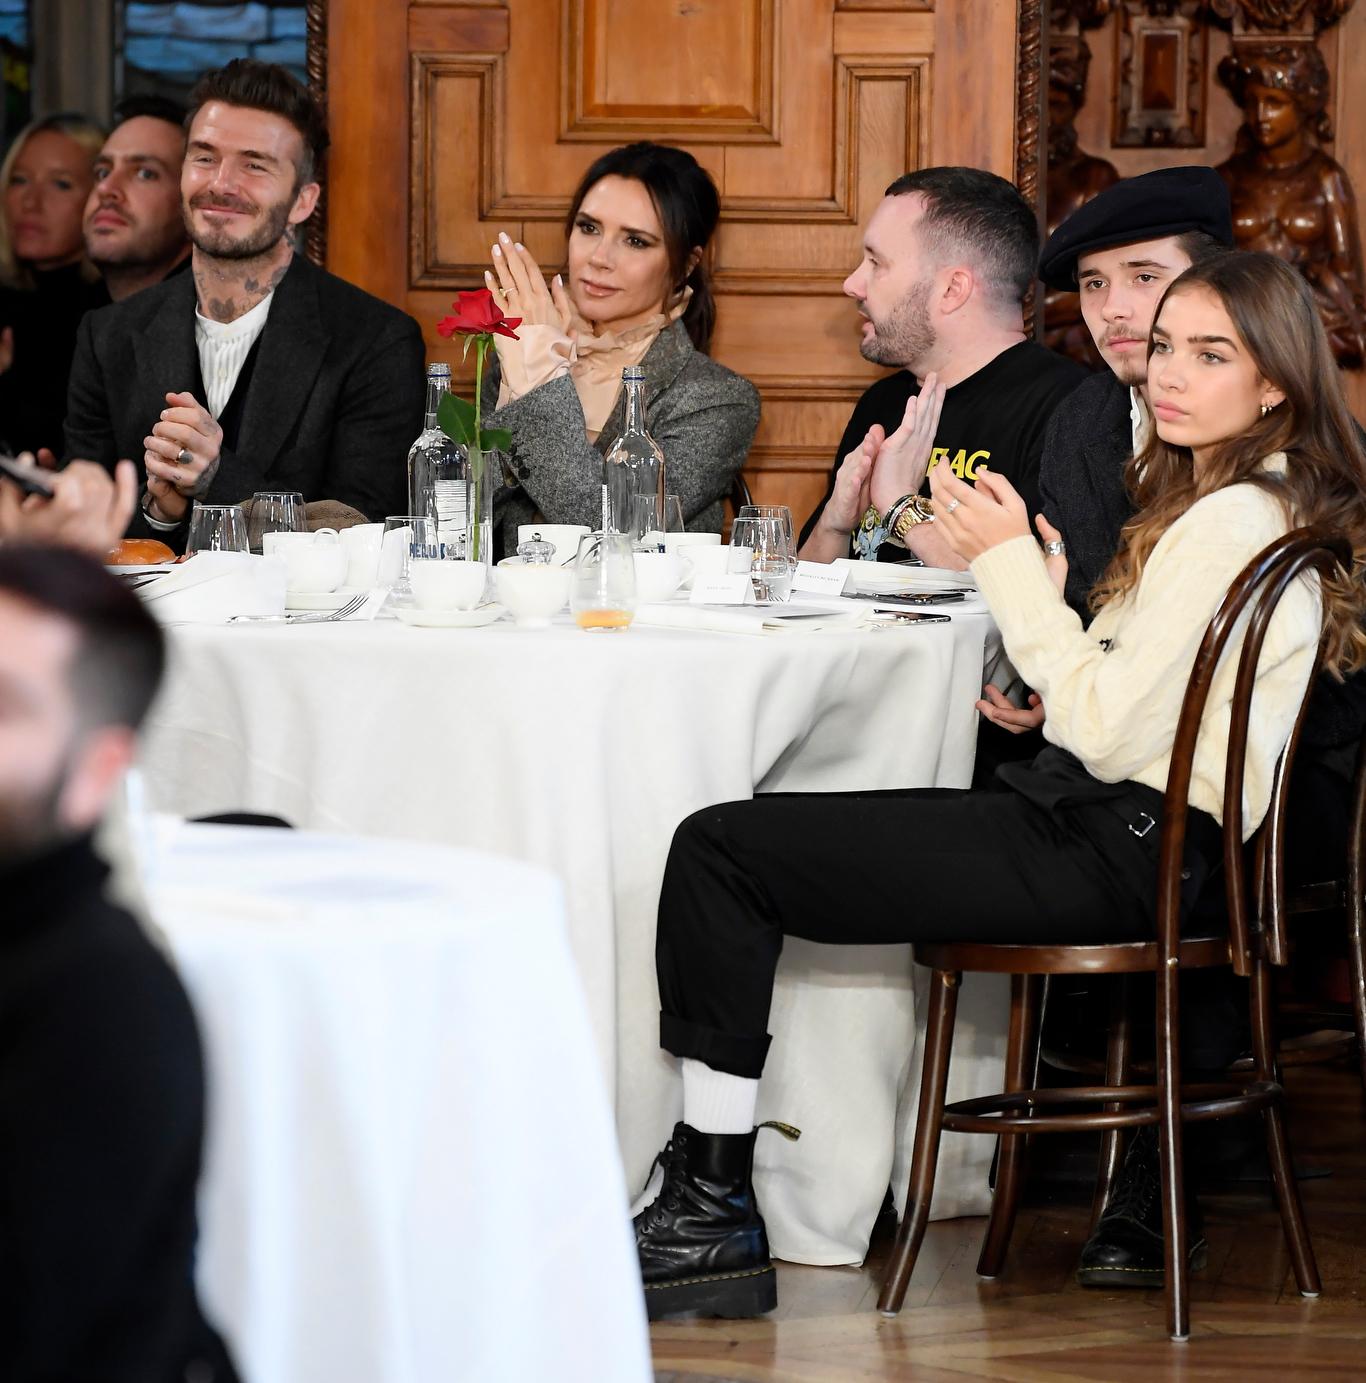 David Beckham, Victoria Beckham, Kim Jones, Brooklyn Beckham and Hana Cross